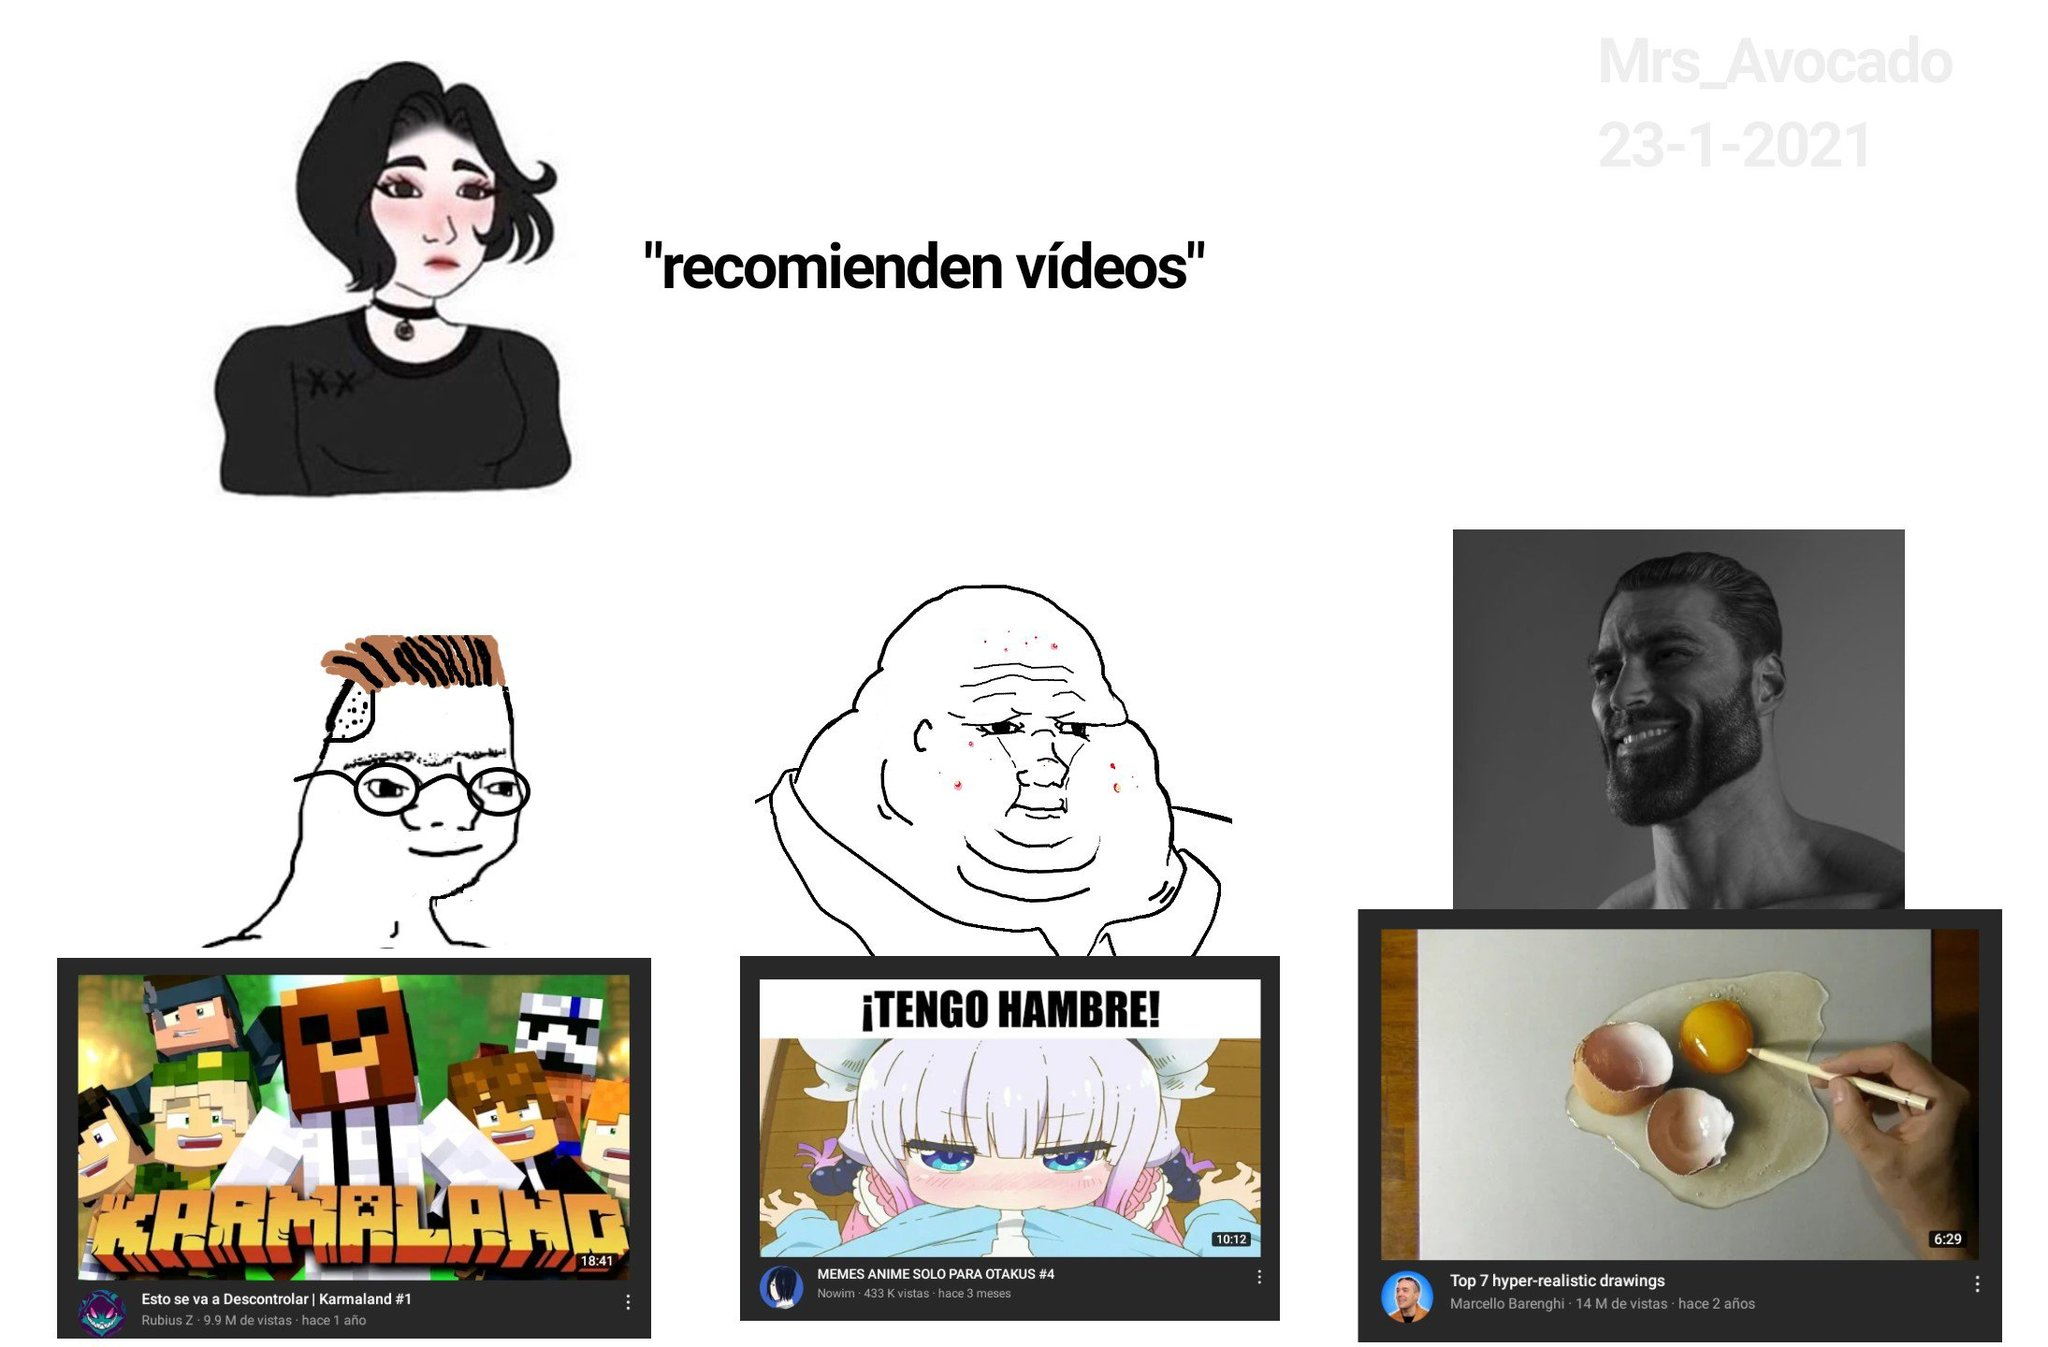 Idea usada - meme